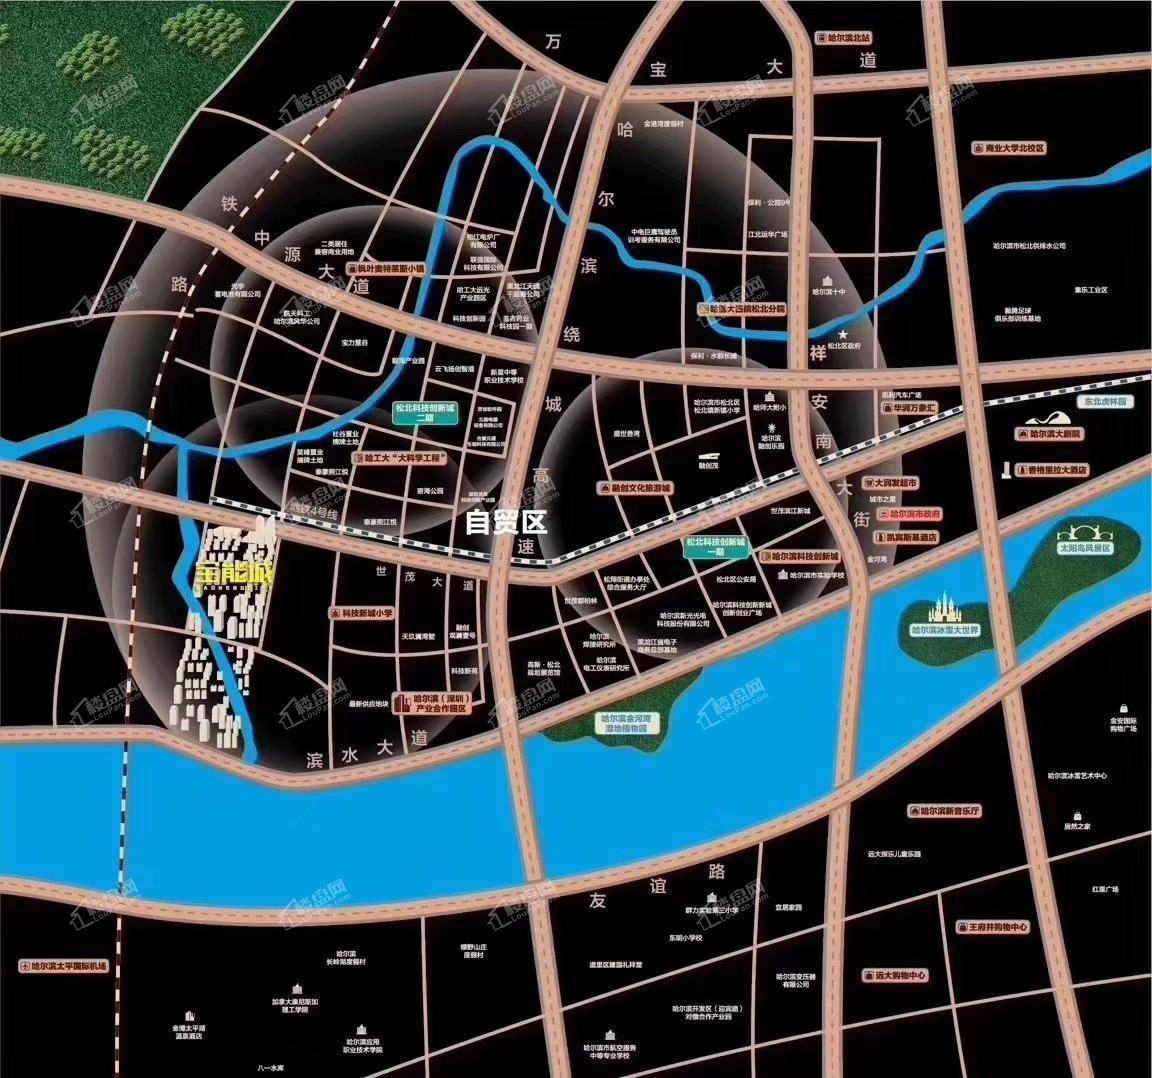 哈尔滨宝能城位置图